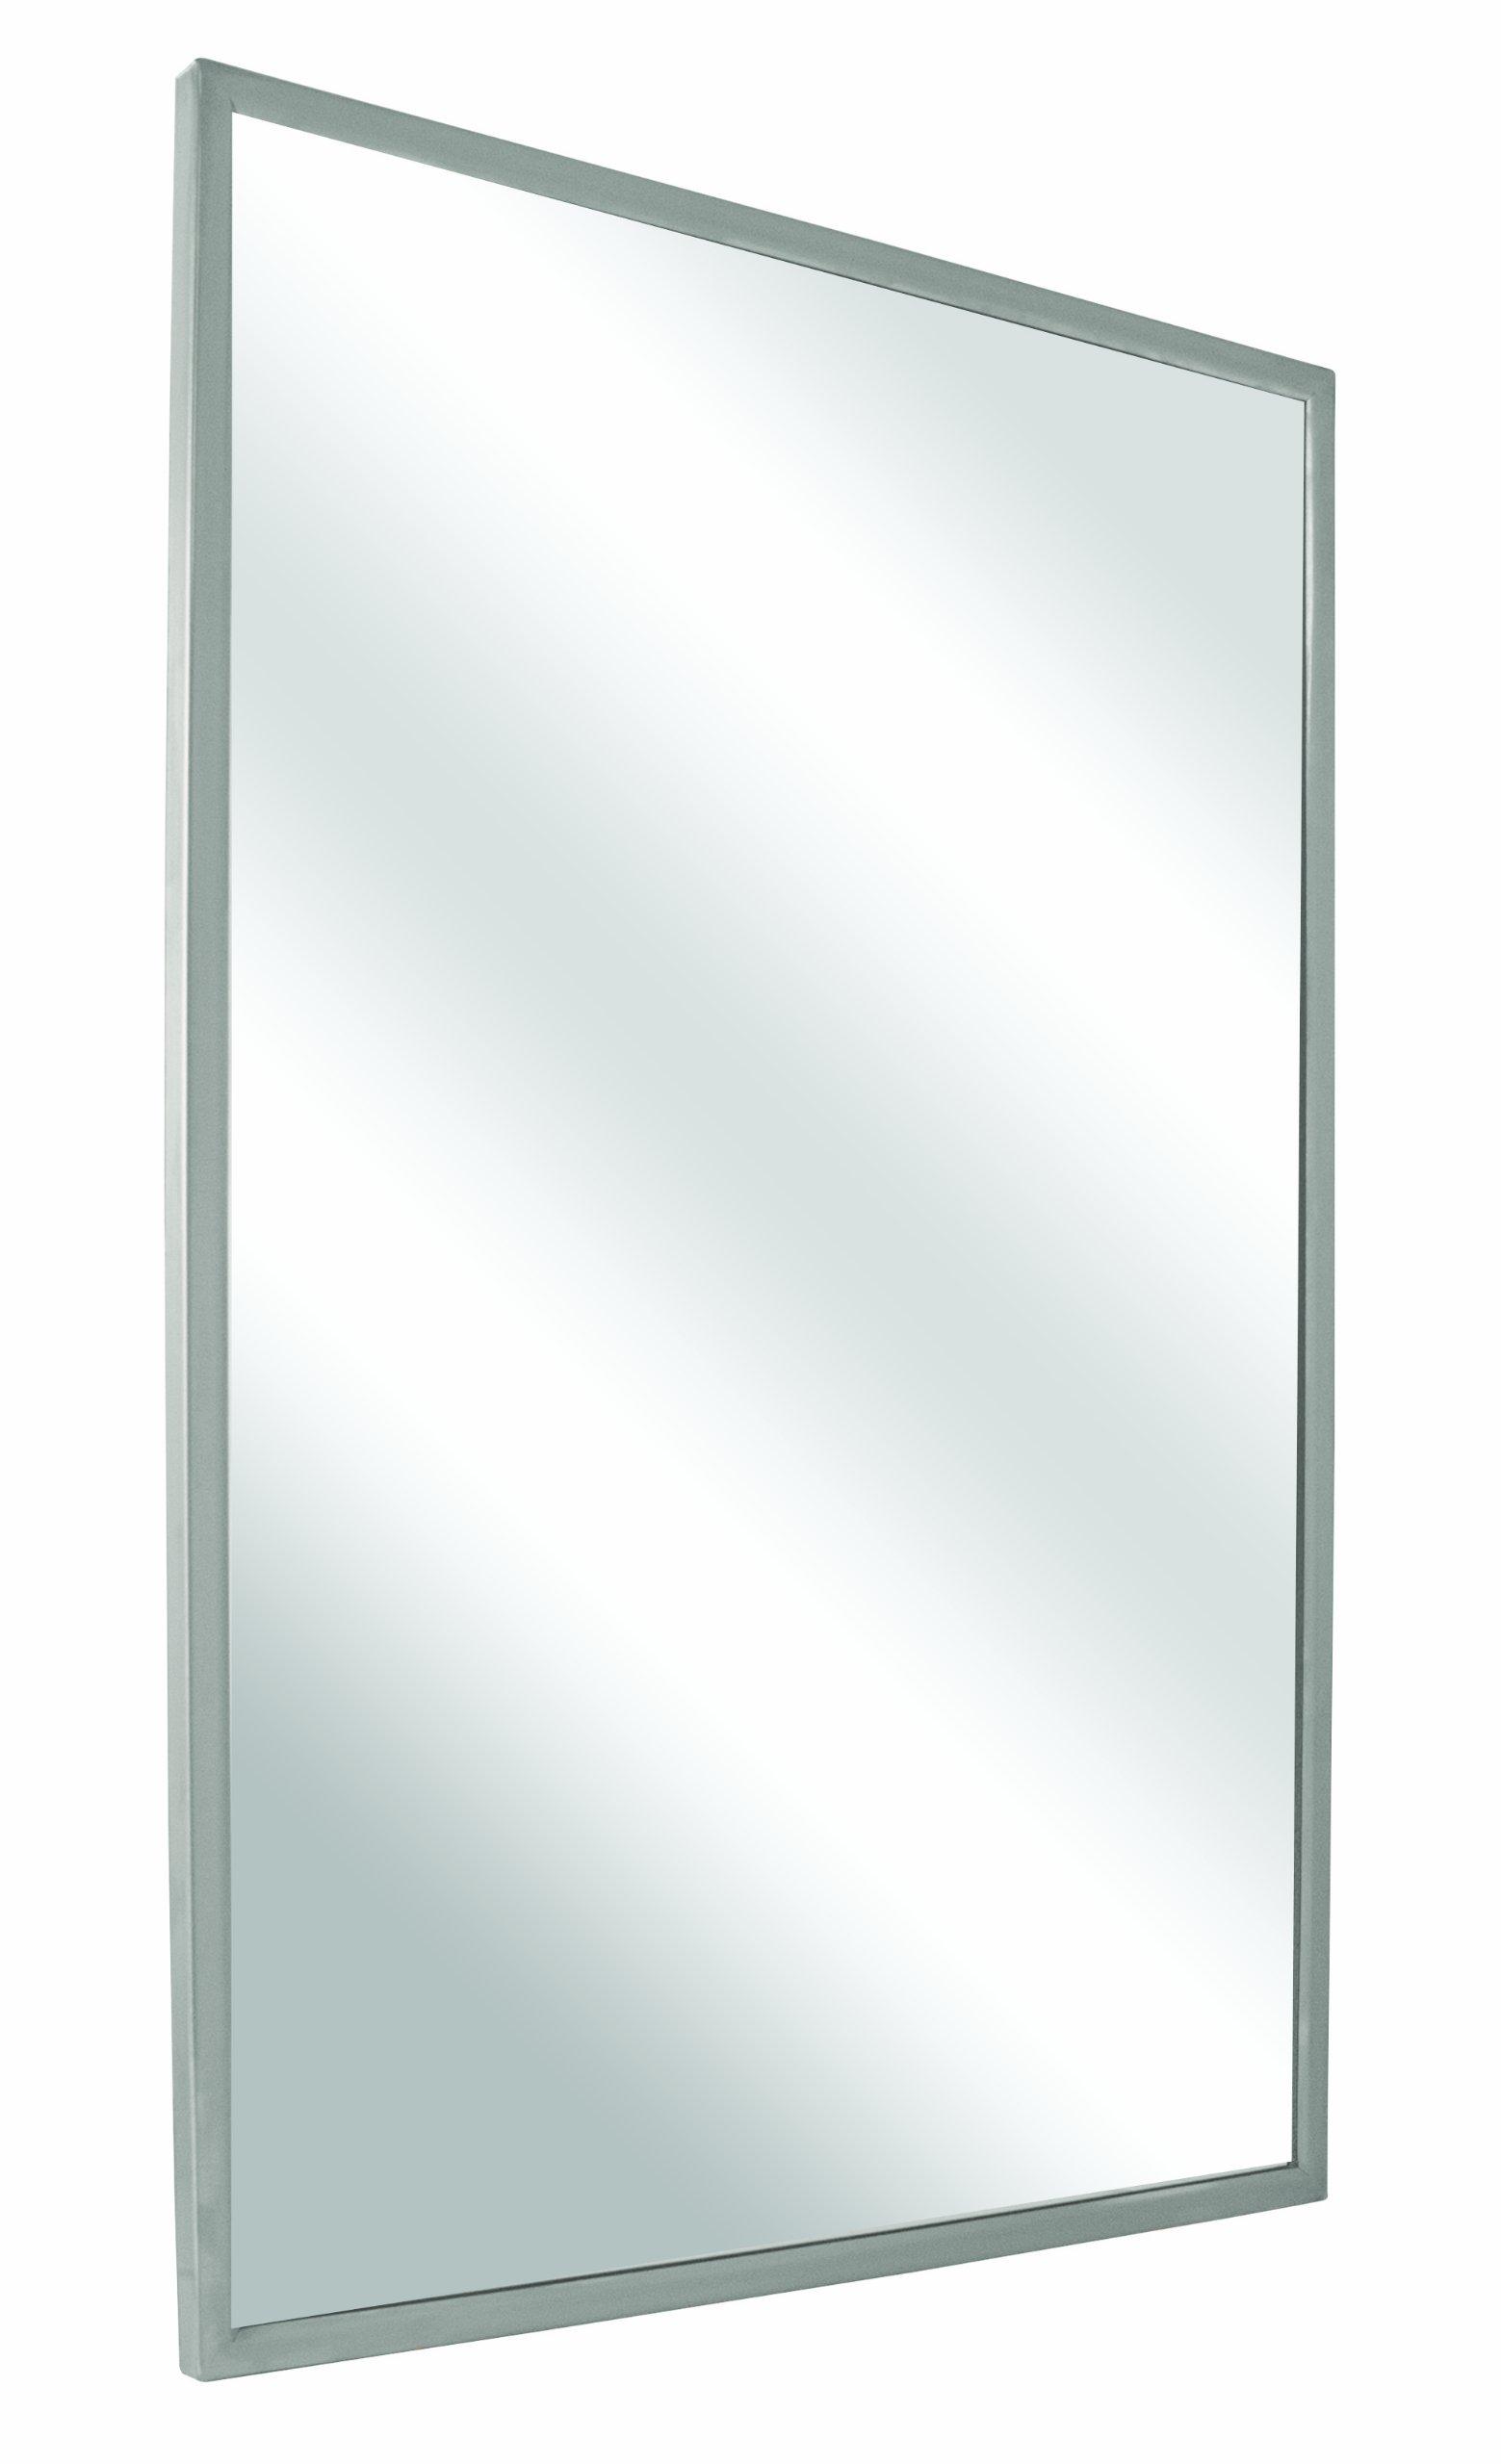 Bradley 781-018240 Roll-Formed Channel Frame Float Glass Mirror, 18'' Width x 24'' Height by Bradley